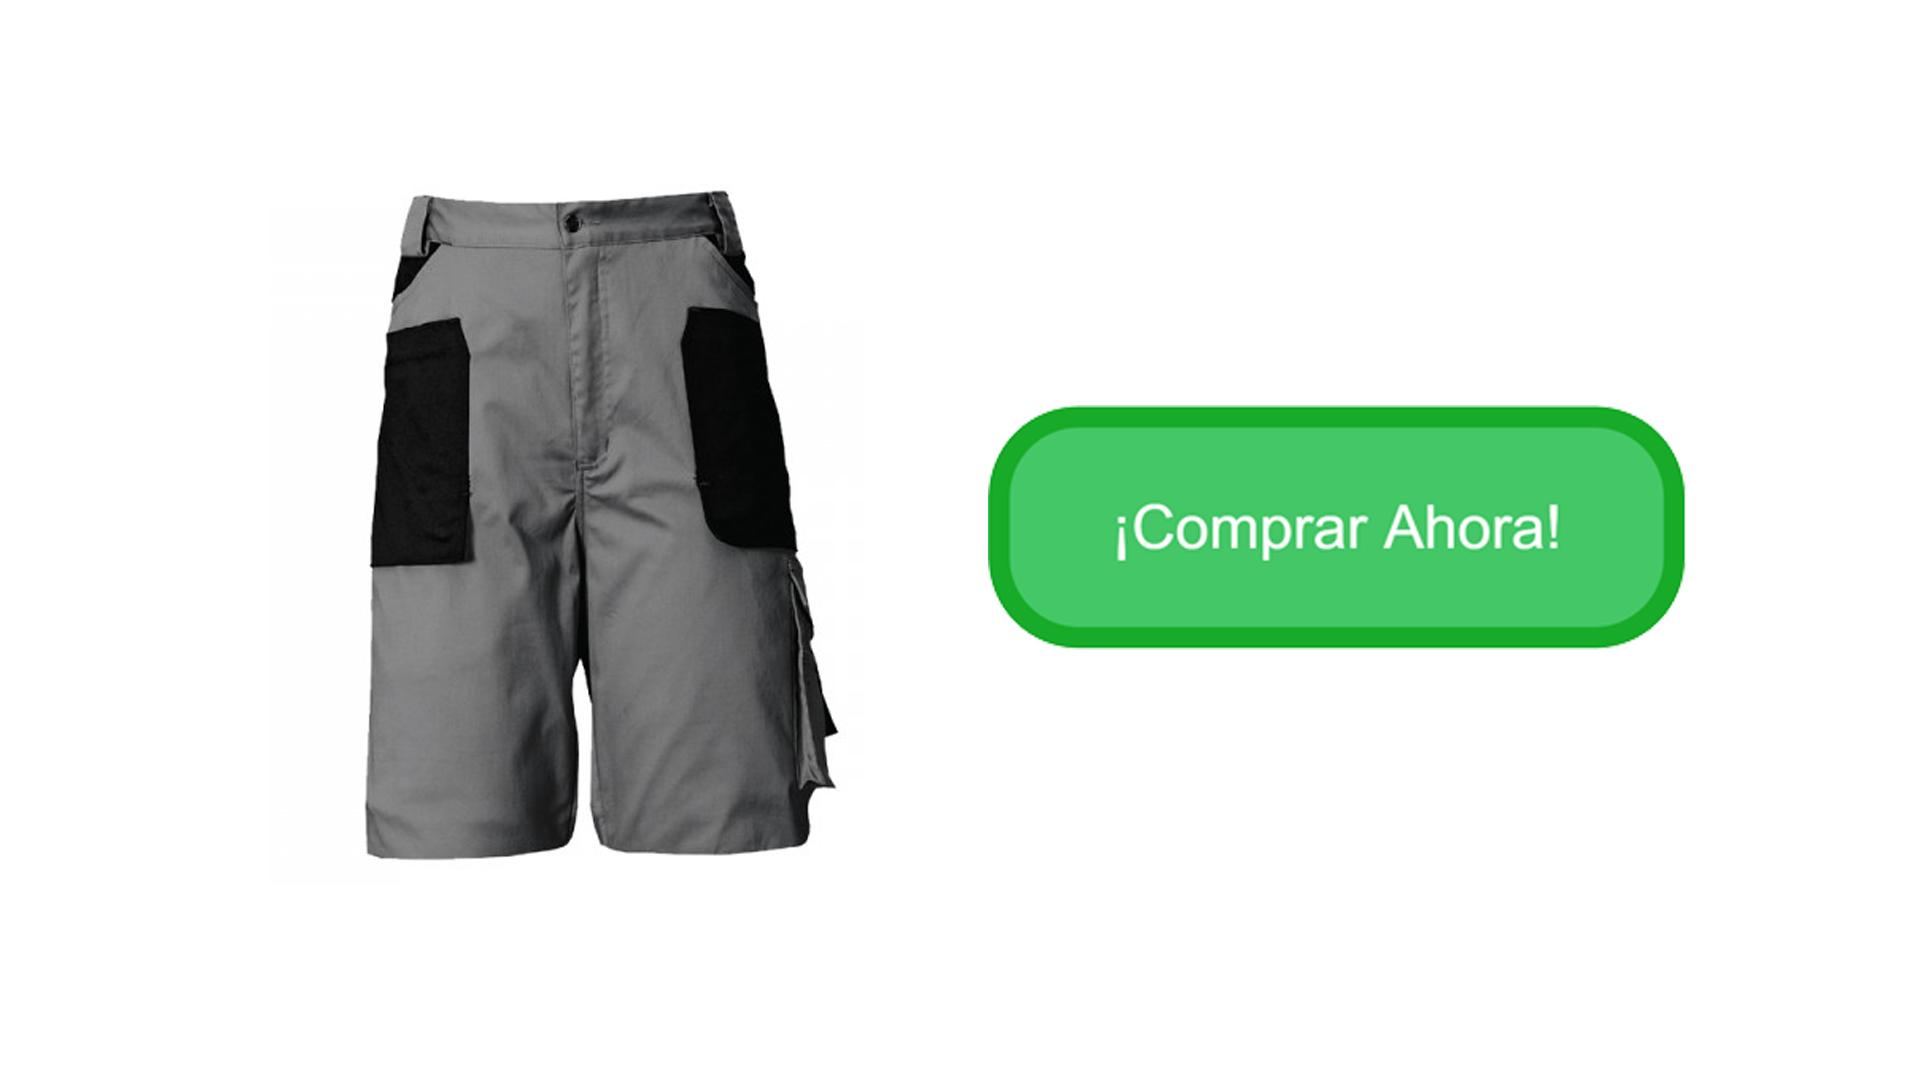 Pantalones Cortos Herraiz - Comprar Ahora cinco